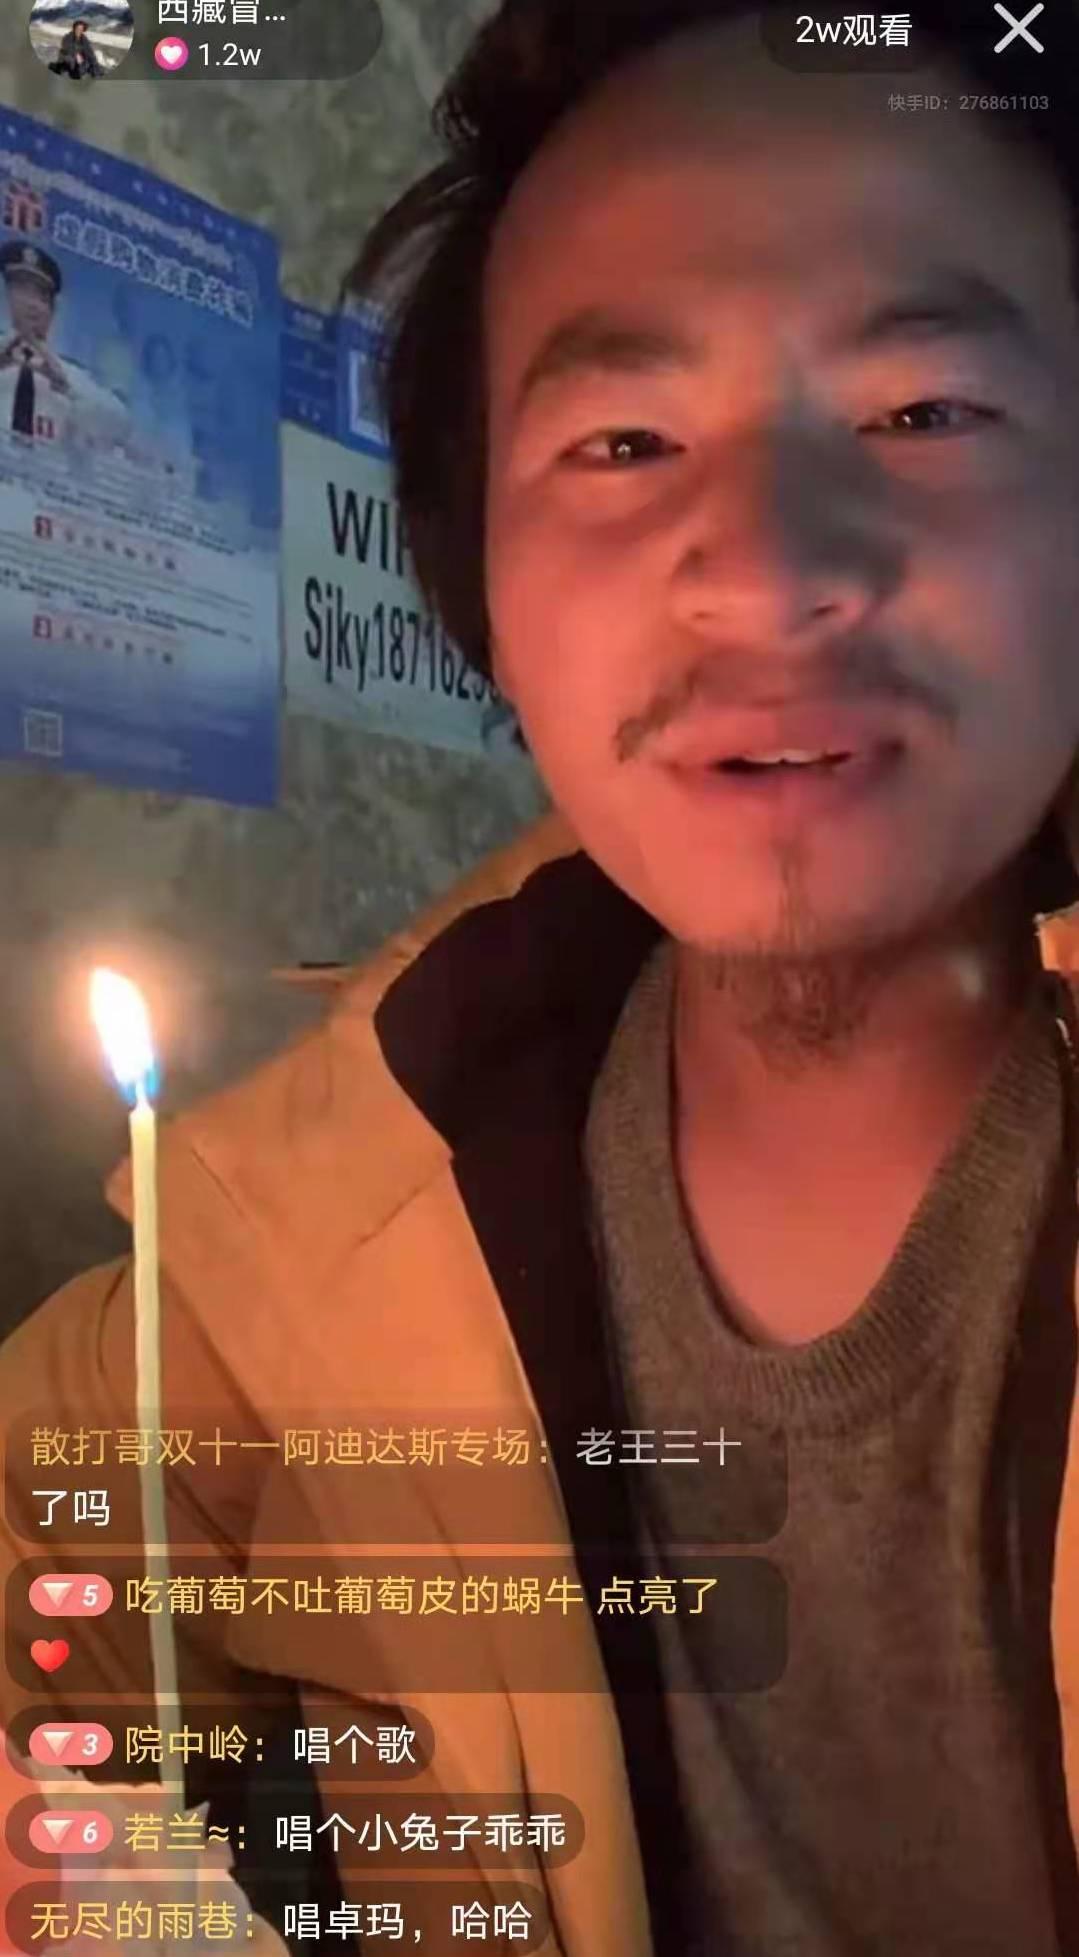 11月14日,小左陪着王相军在烧烤店过生日。